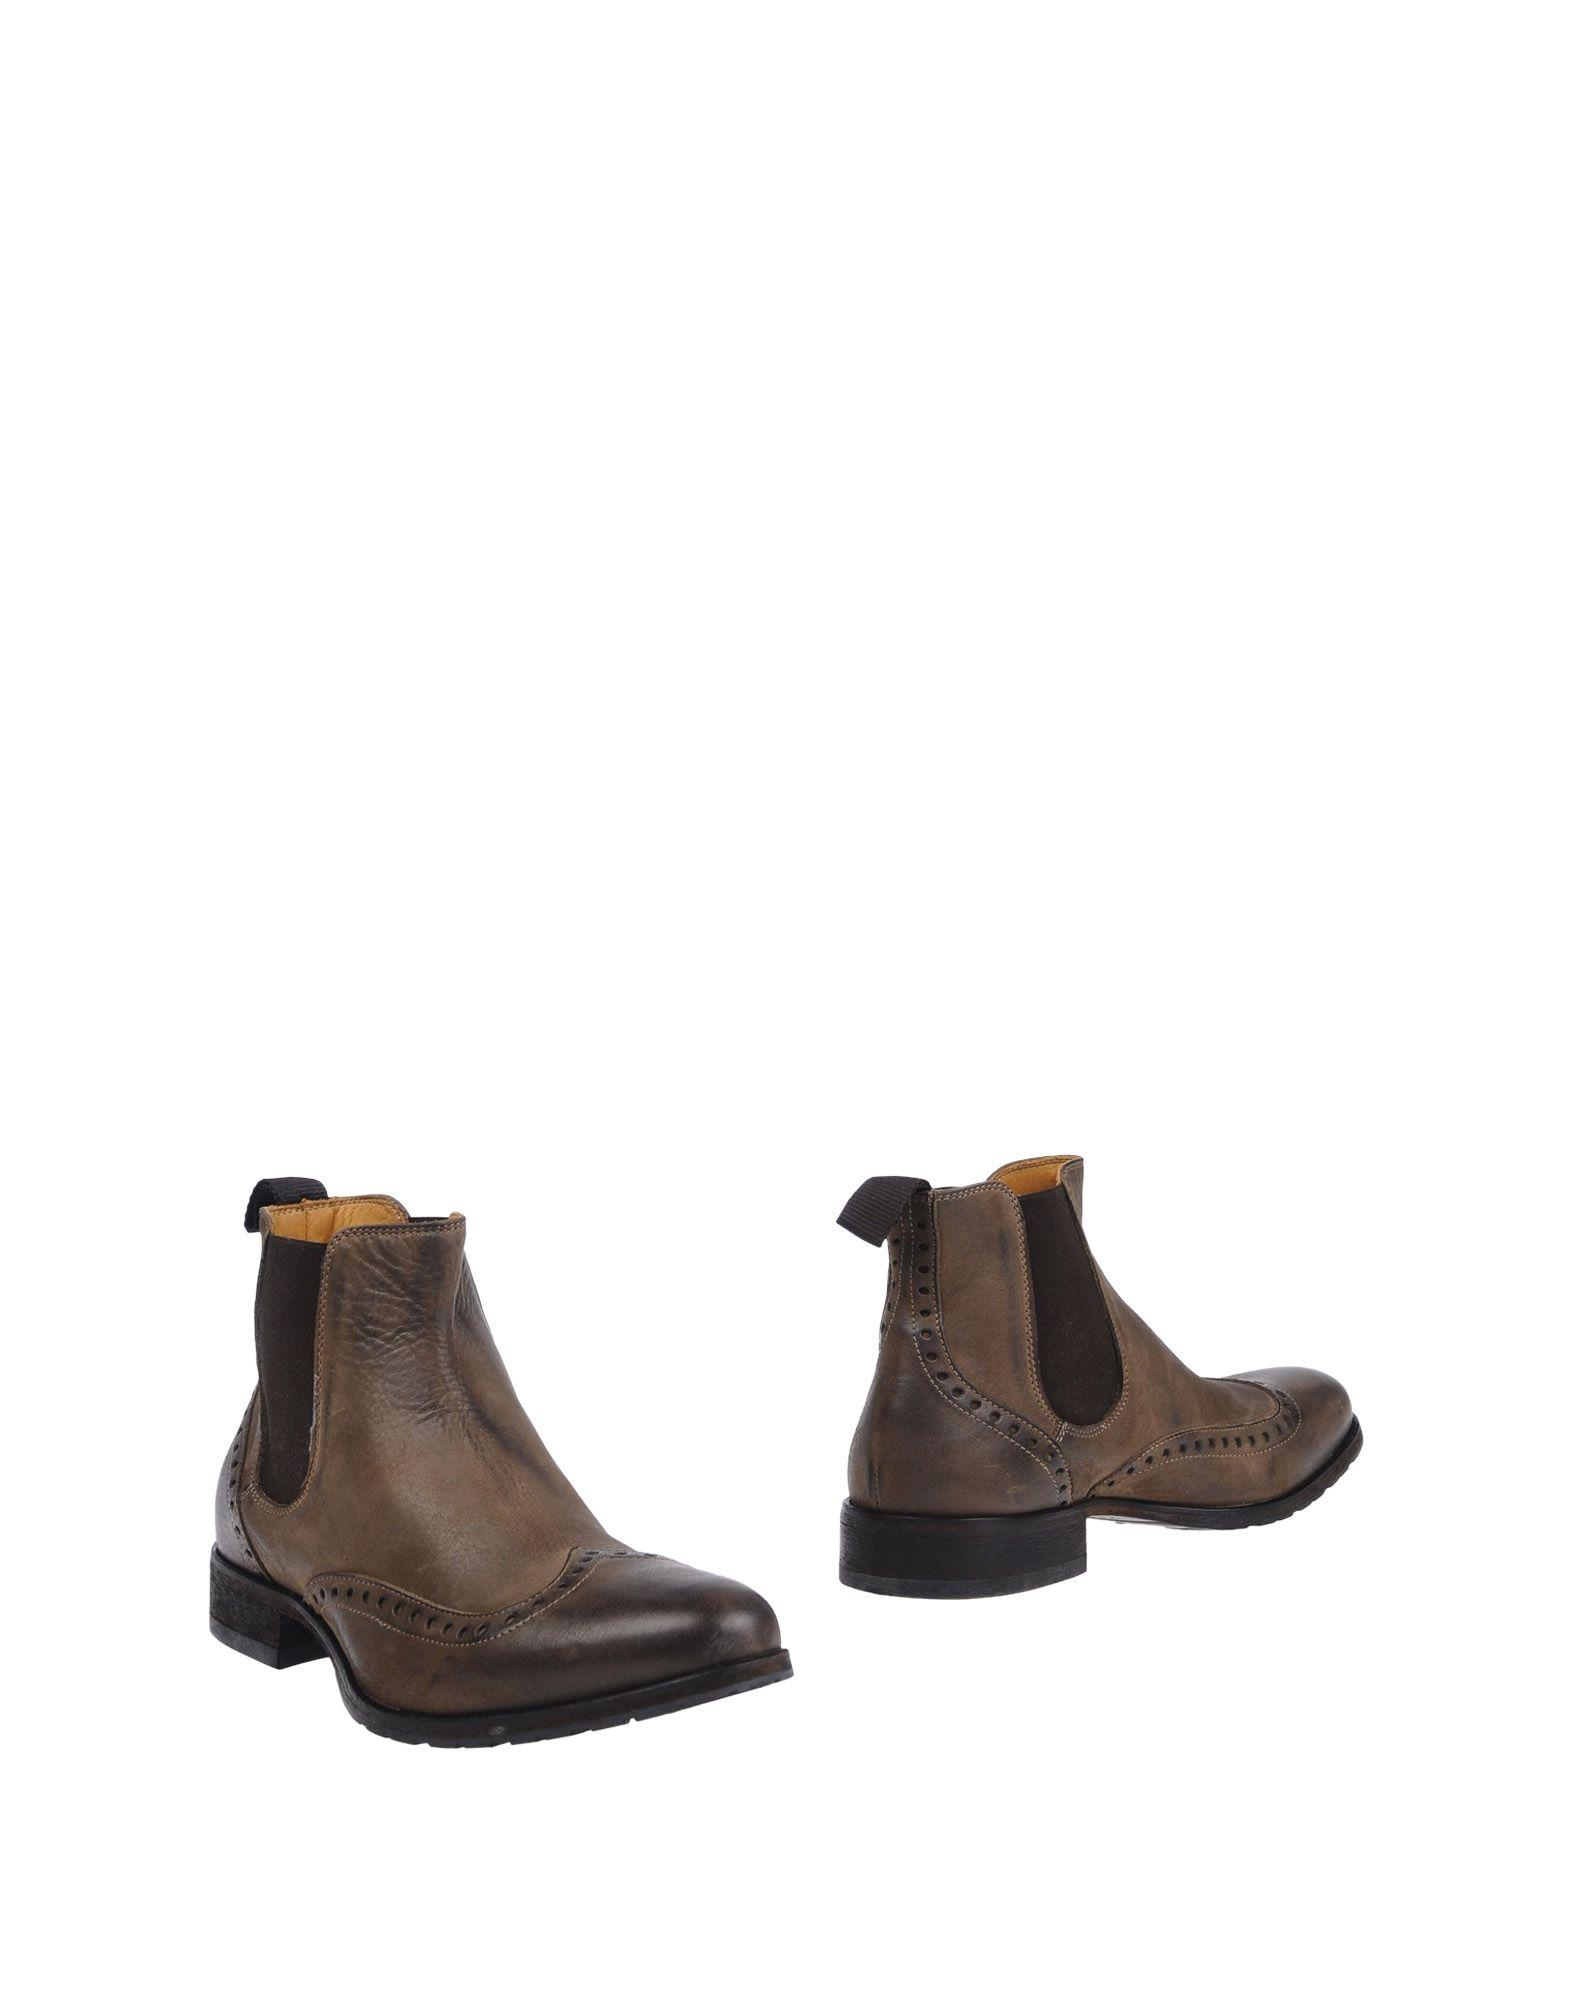 Regard Stiefelette Stiefelette Regard Herren  11231704BF Gute Qualität beliebte Schuhe 7347d5